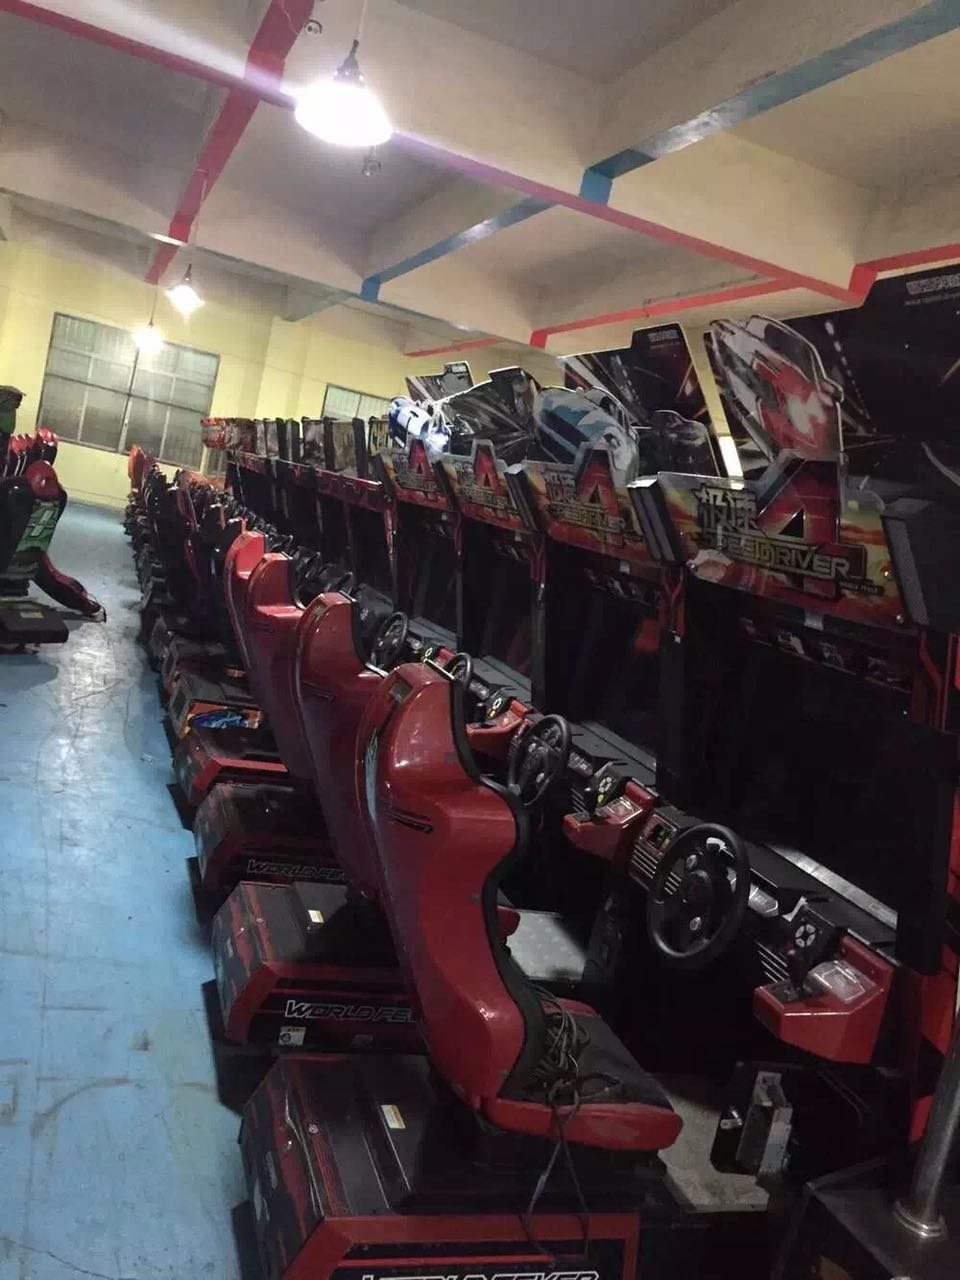 全国上门回收电玩城游戏机 电玩城游戏机回收公司 电玩城游戏机回收联系电话